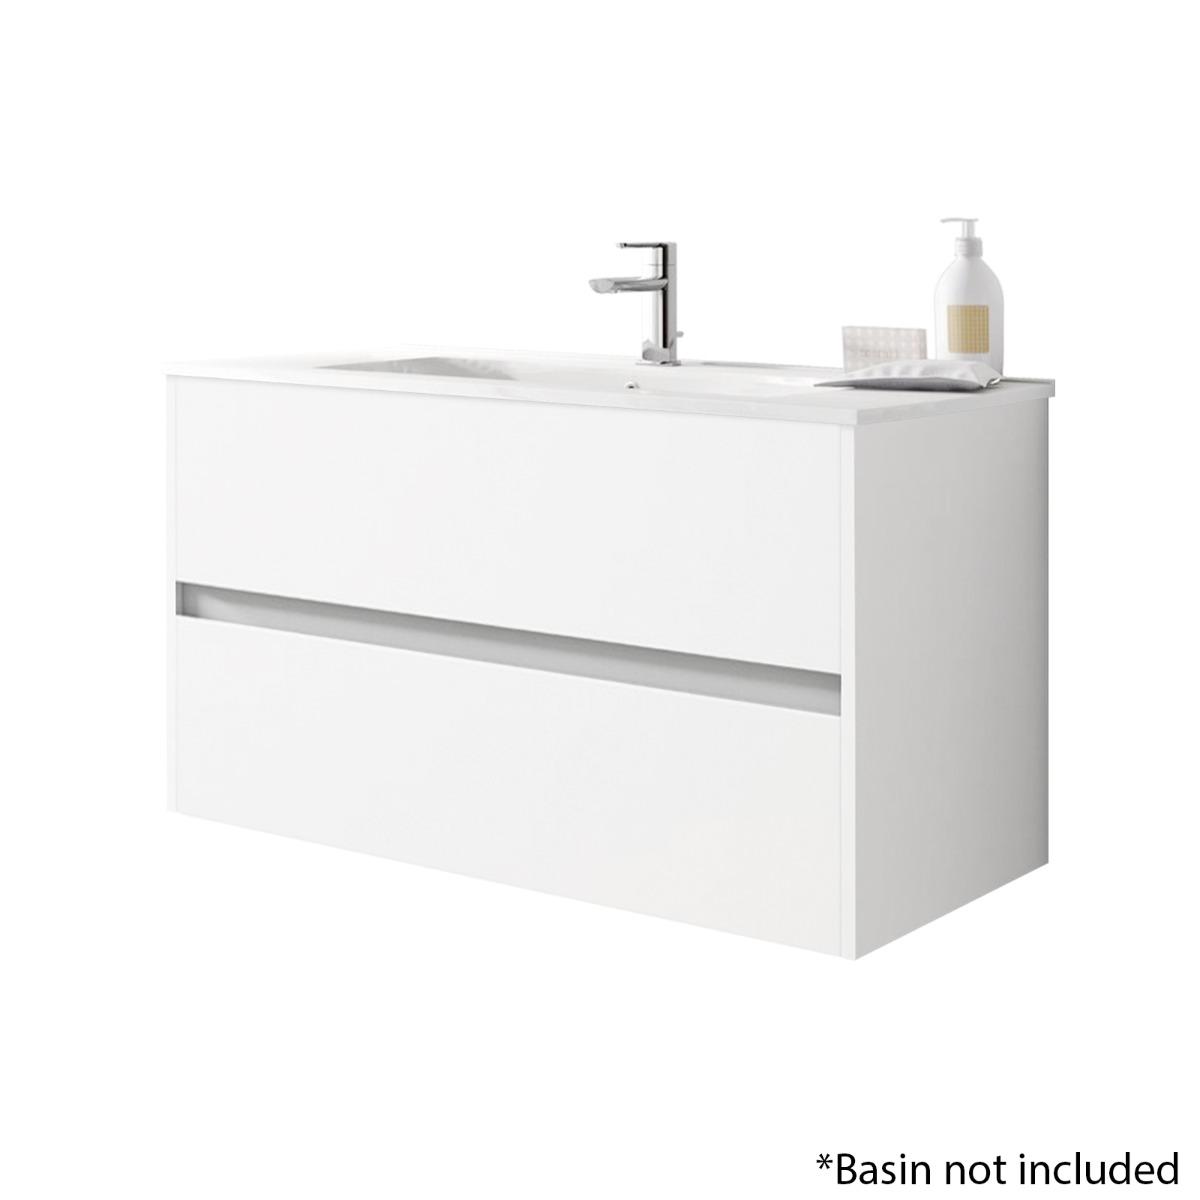 Alba 100cm 2 Drawer Basin Unit in Gloss White